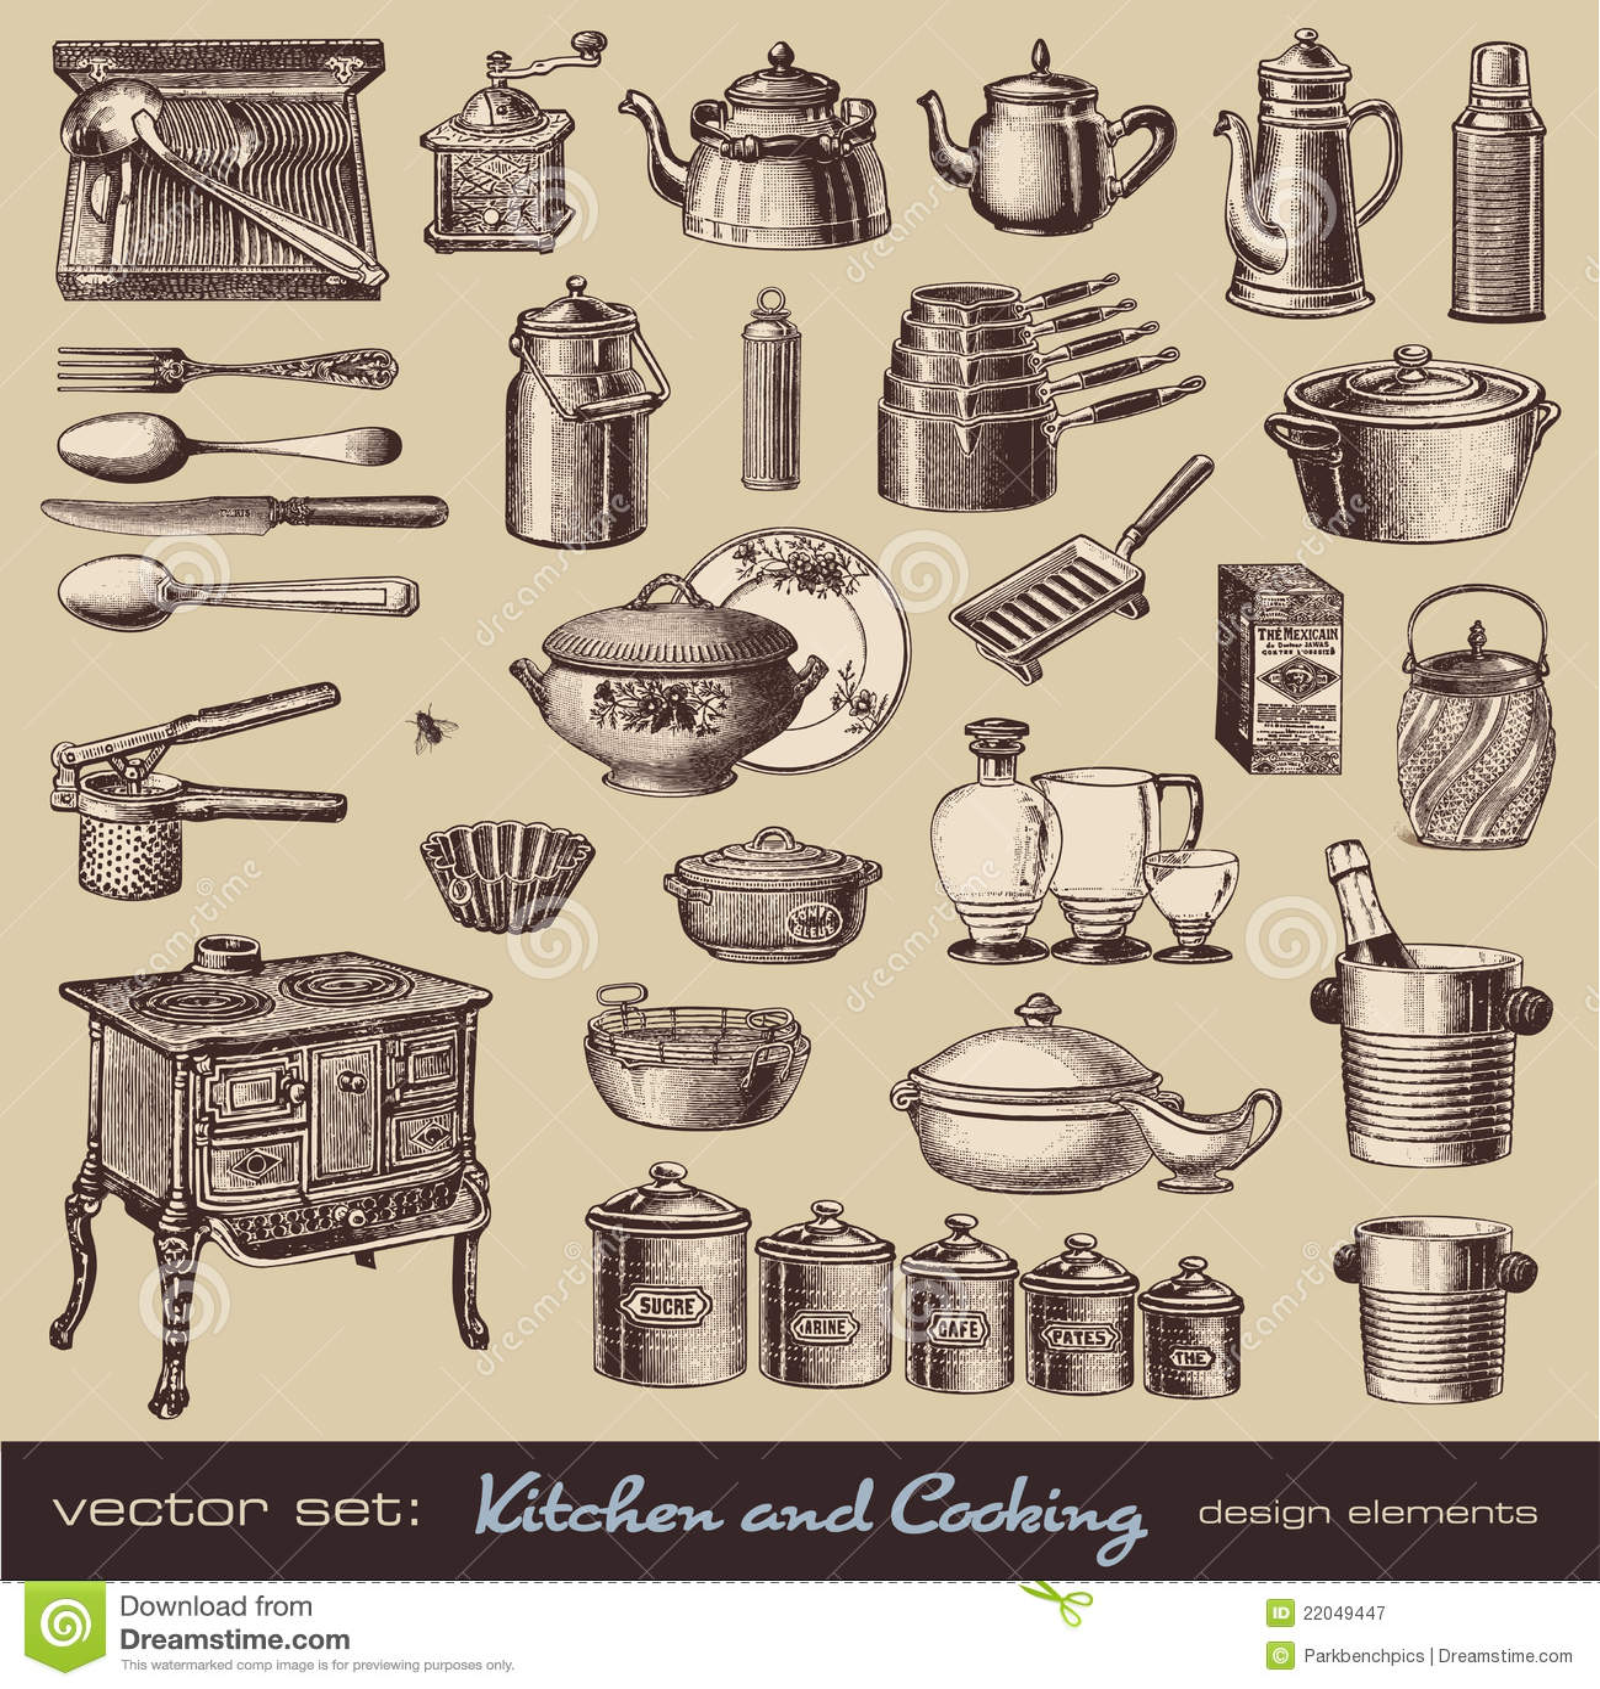 Cooking Knife Set